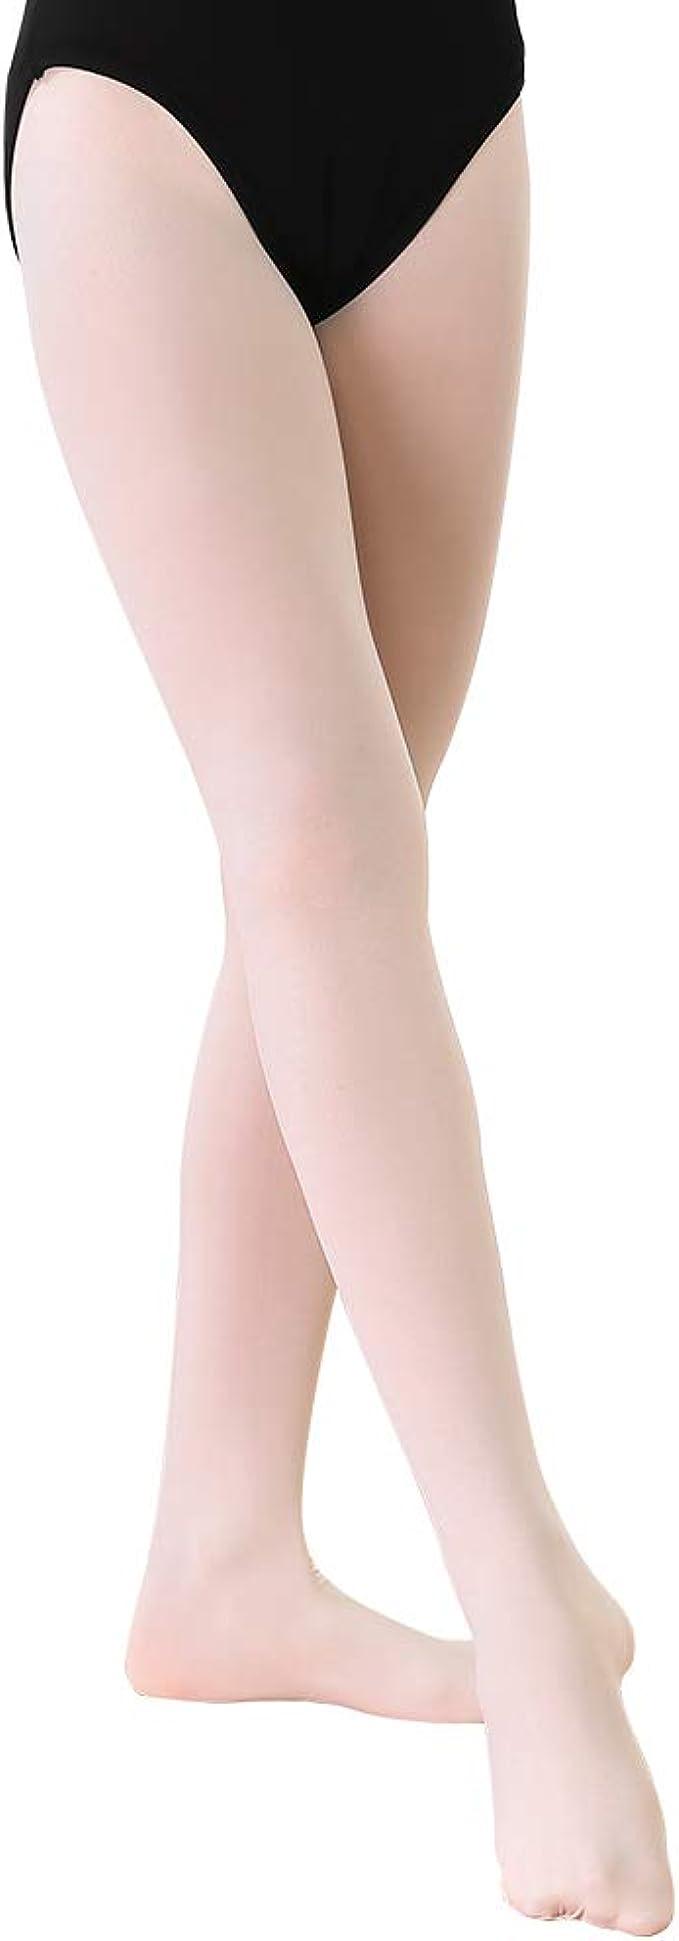 6 opinioni per Soudittur Collant da Ballo e Calzamaglie da Danza Classica per Bambina Ragazze